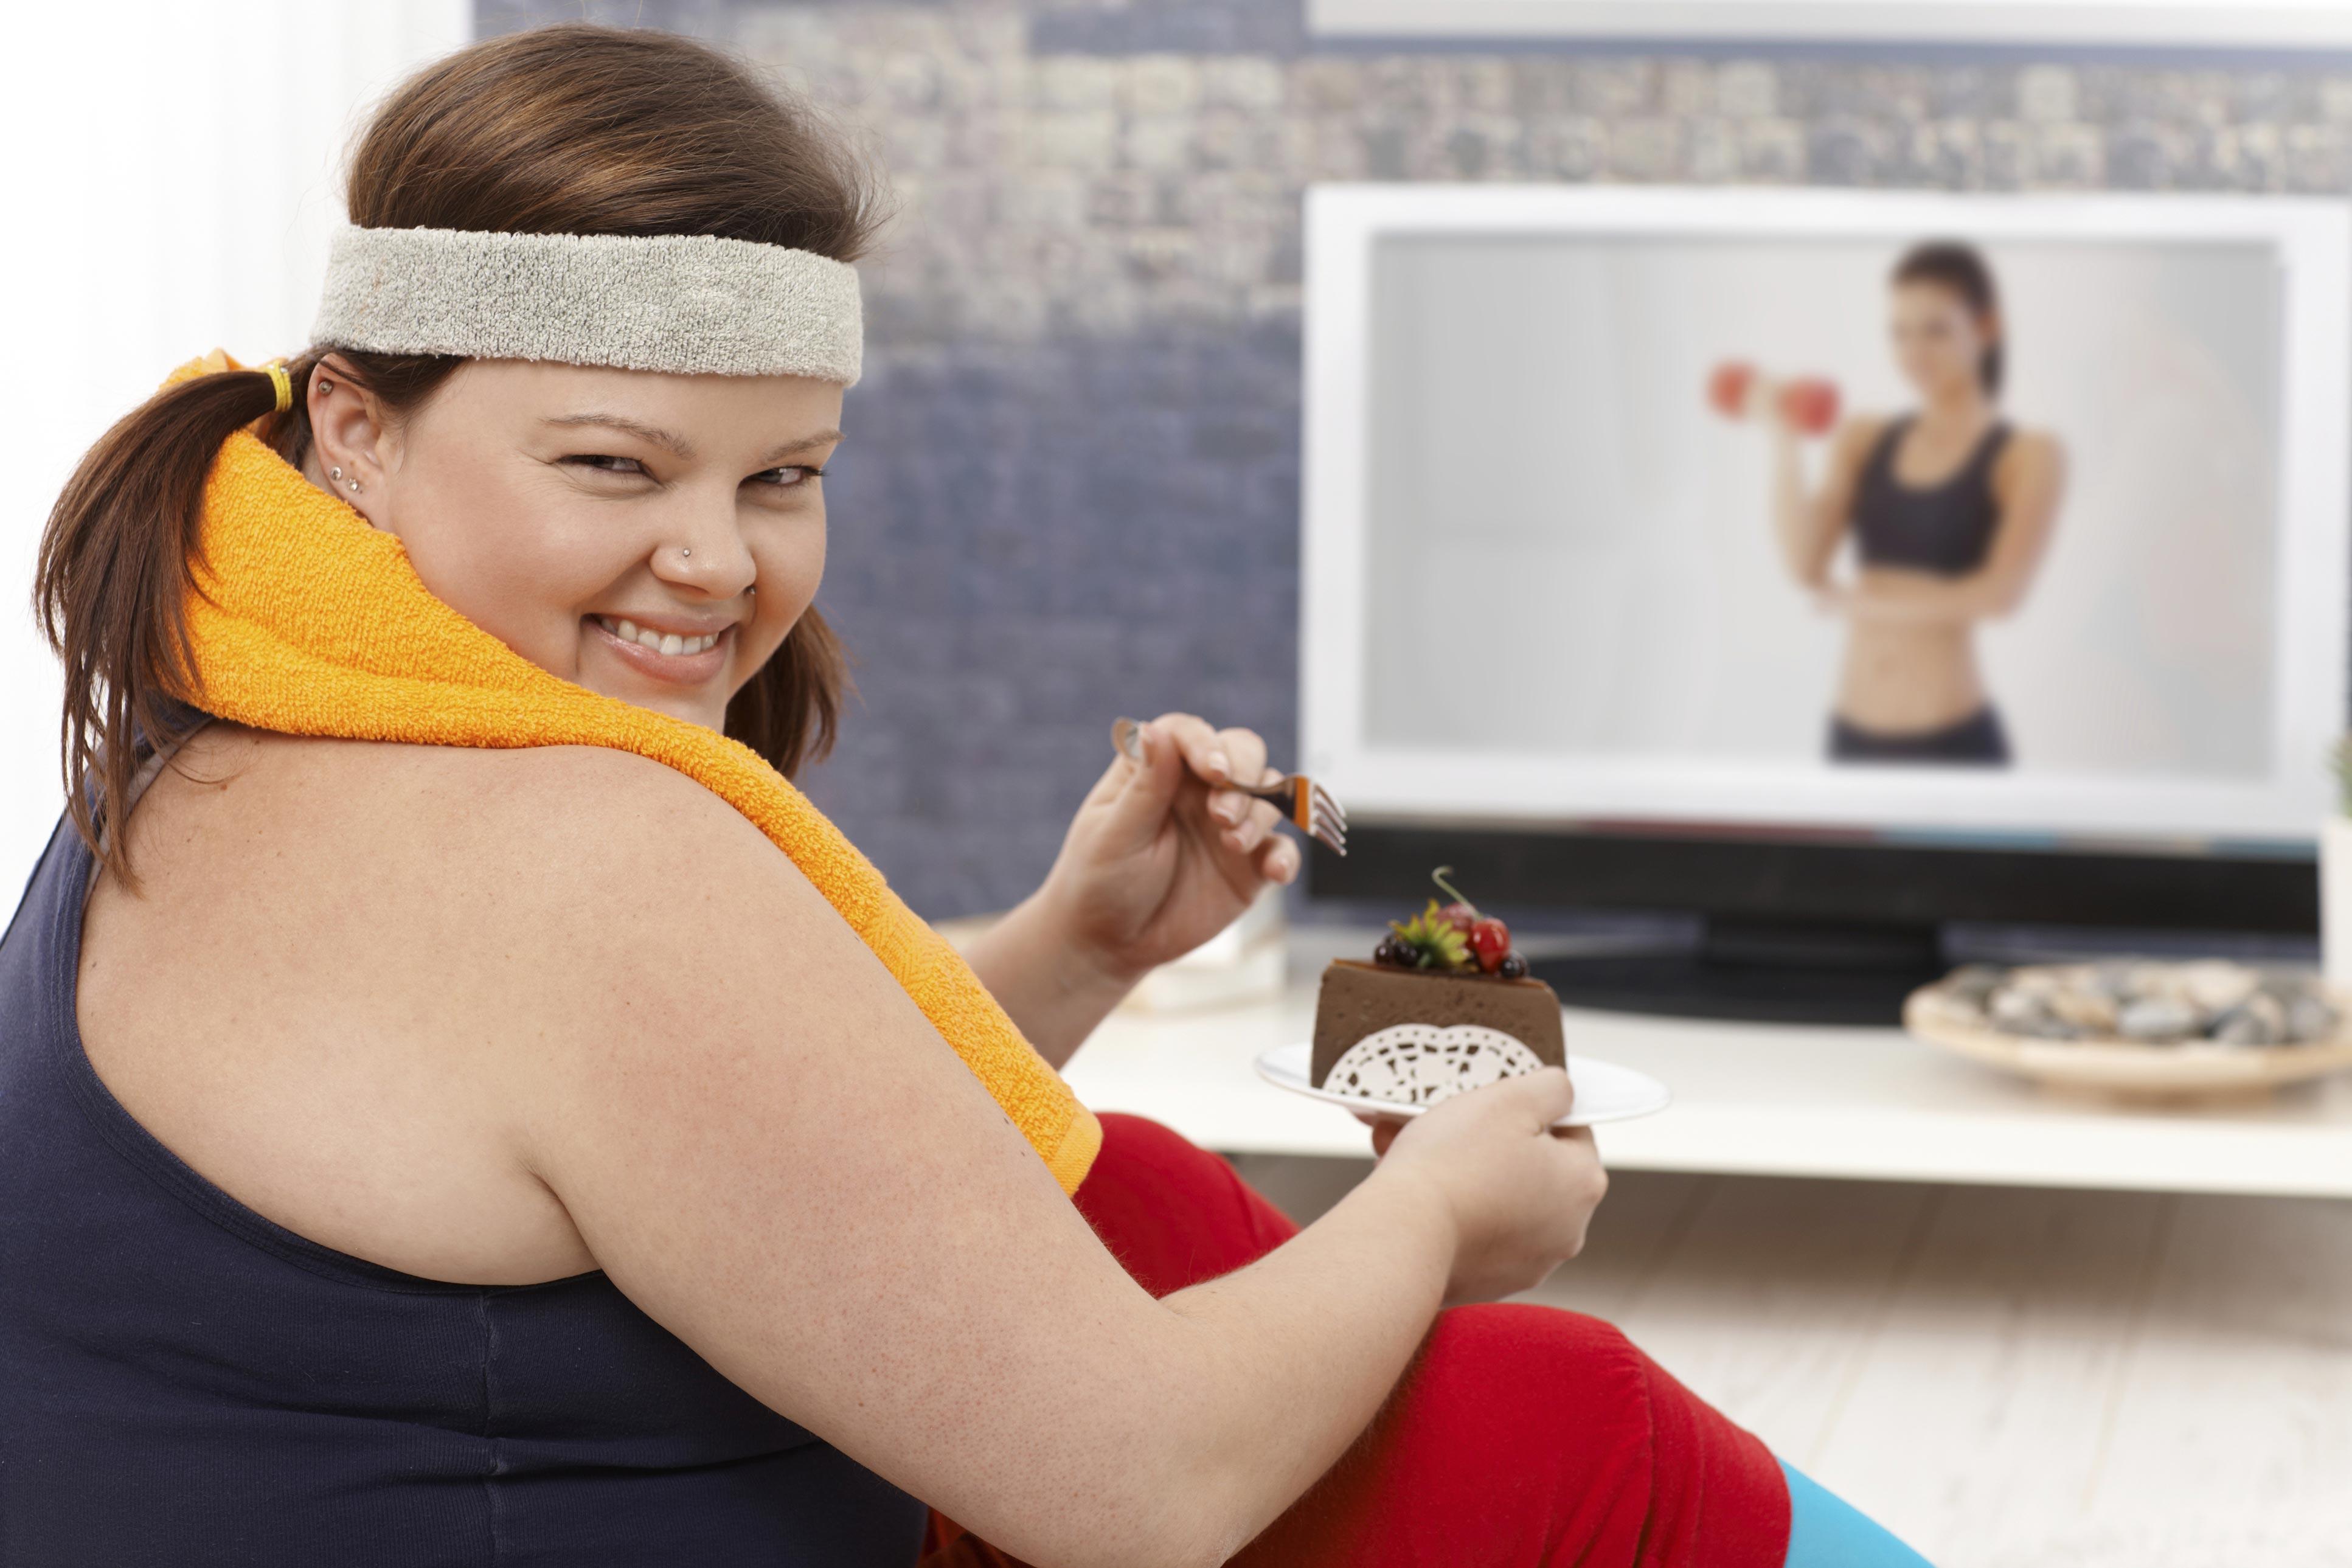 Диетолог сообщила, что лучший способ похудения после зимы — правильно питаться, быть физически активными и высыпаться